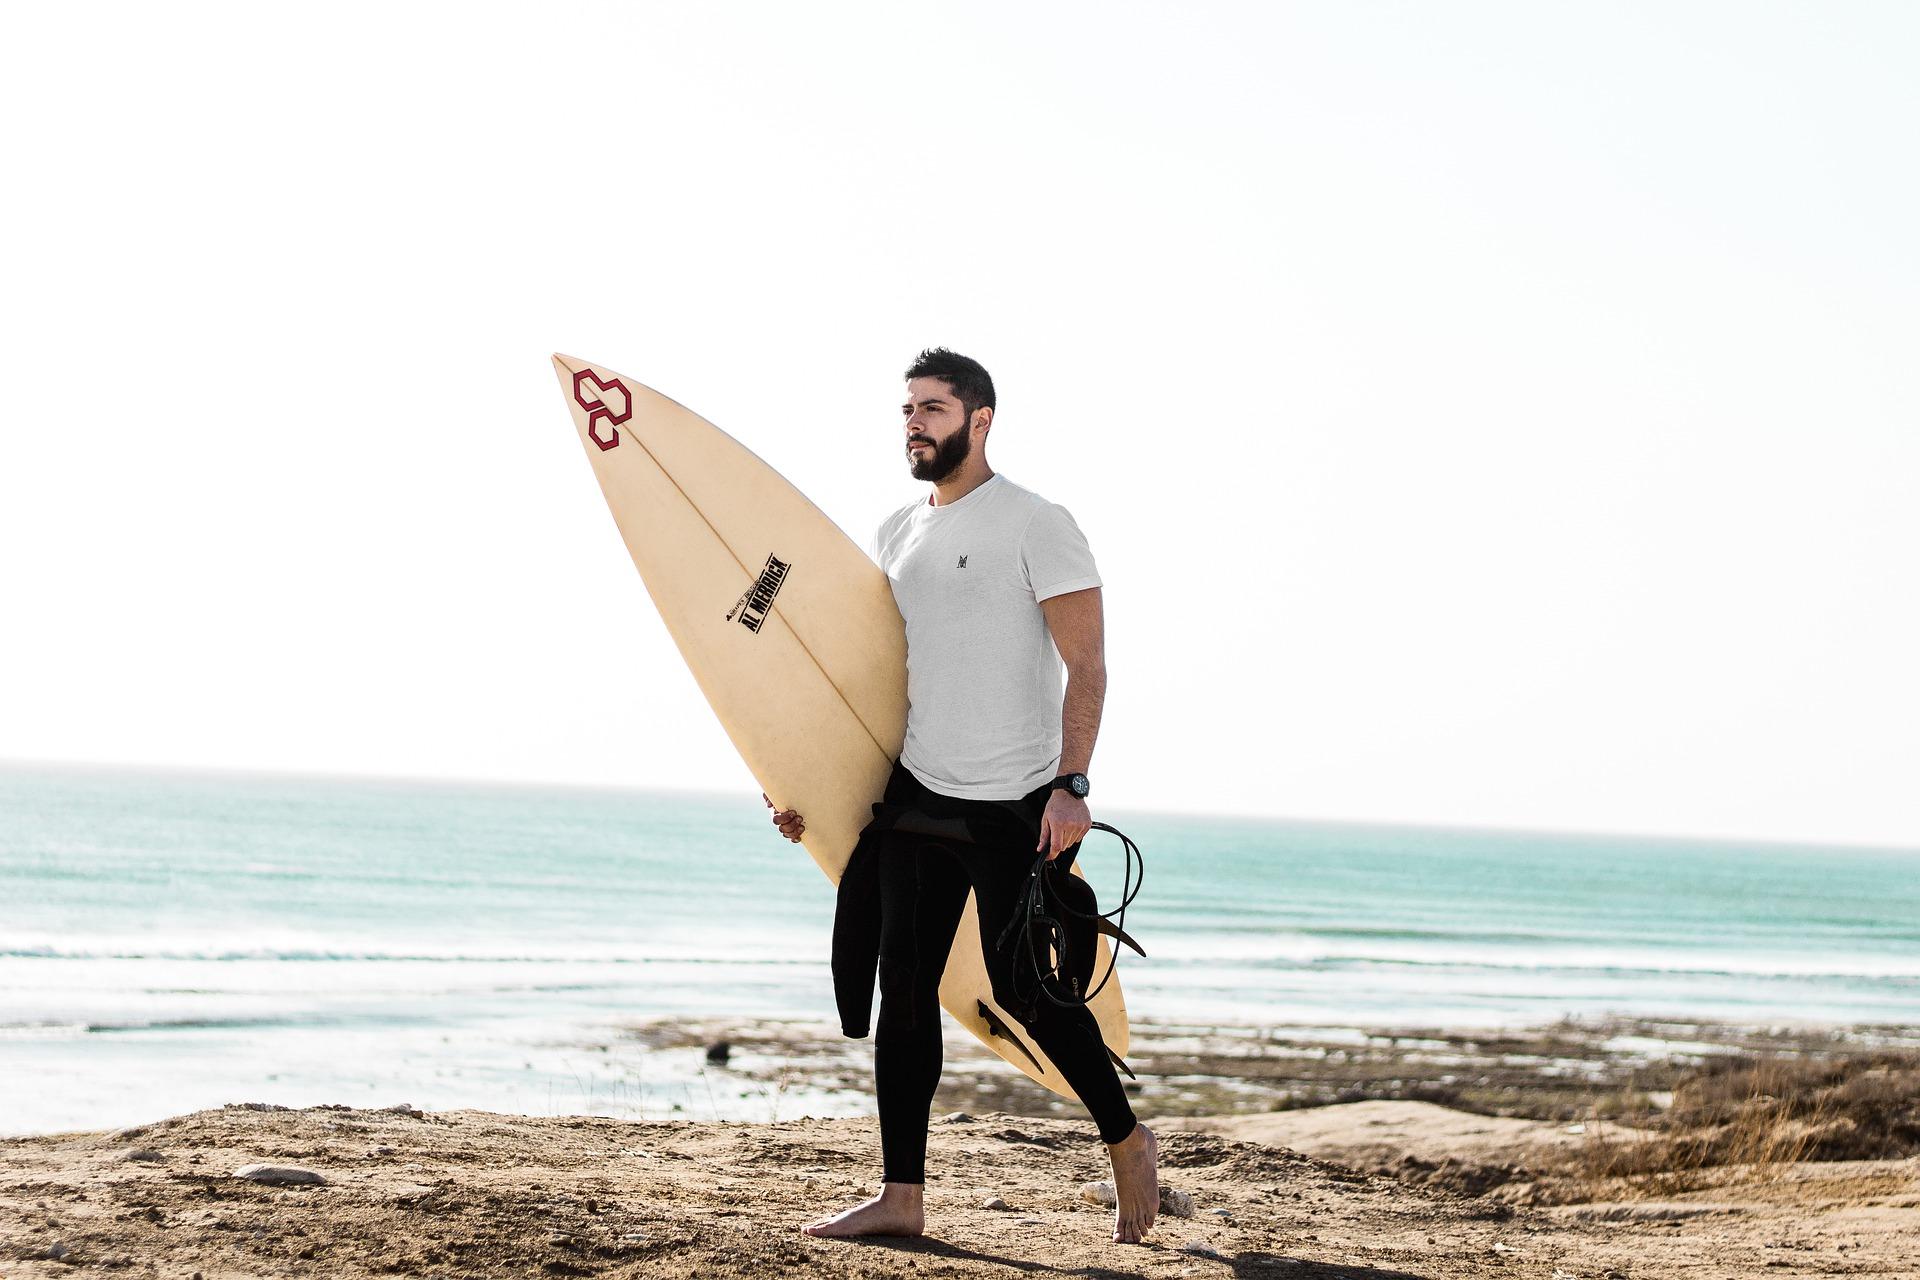 surfer-4234061_1920